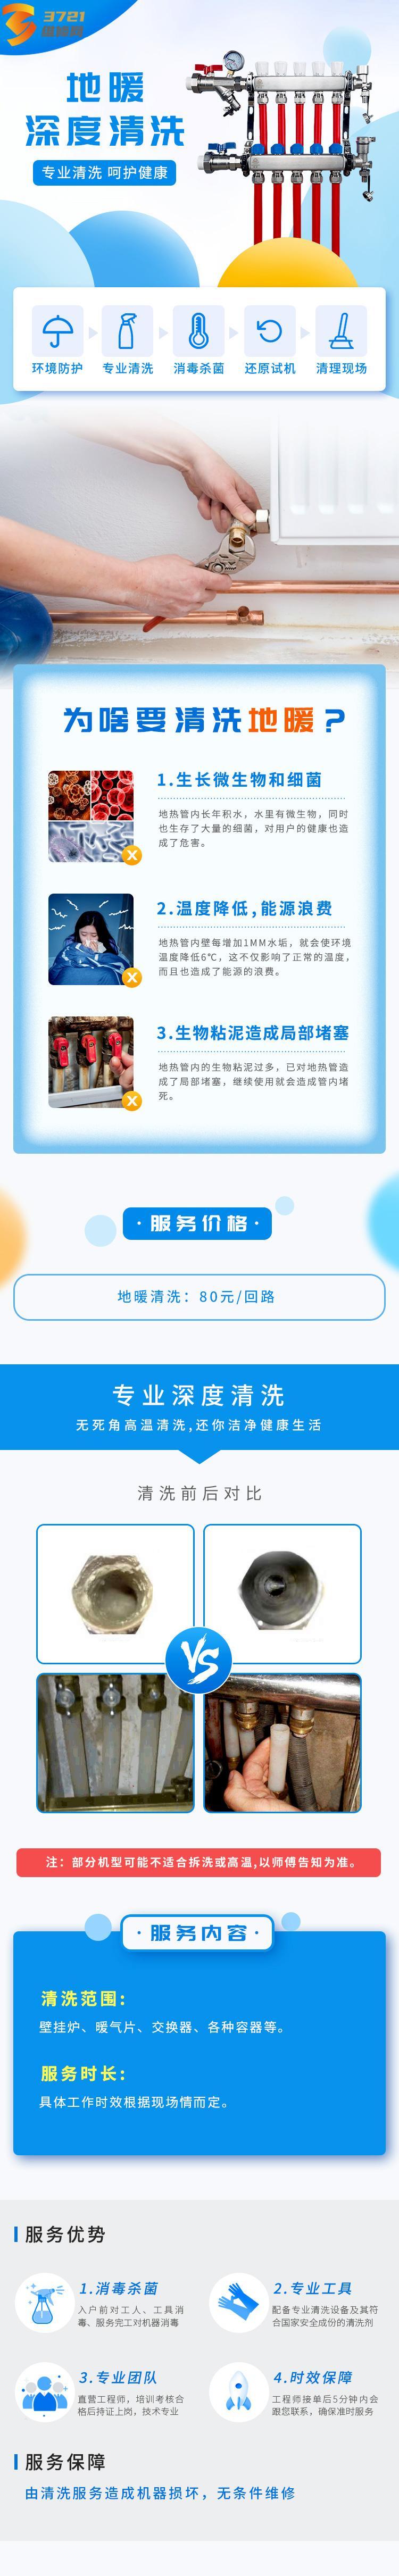 地暖-清洗升級詳情.jpg